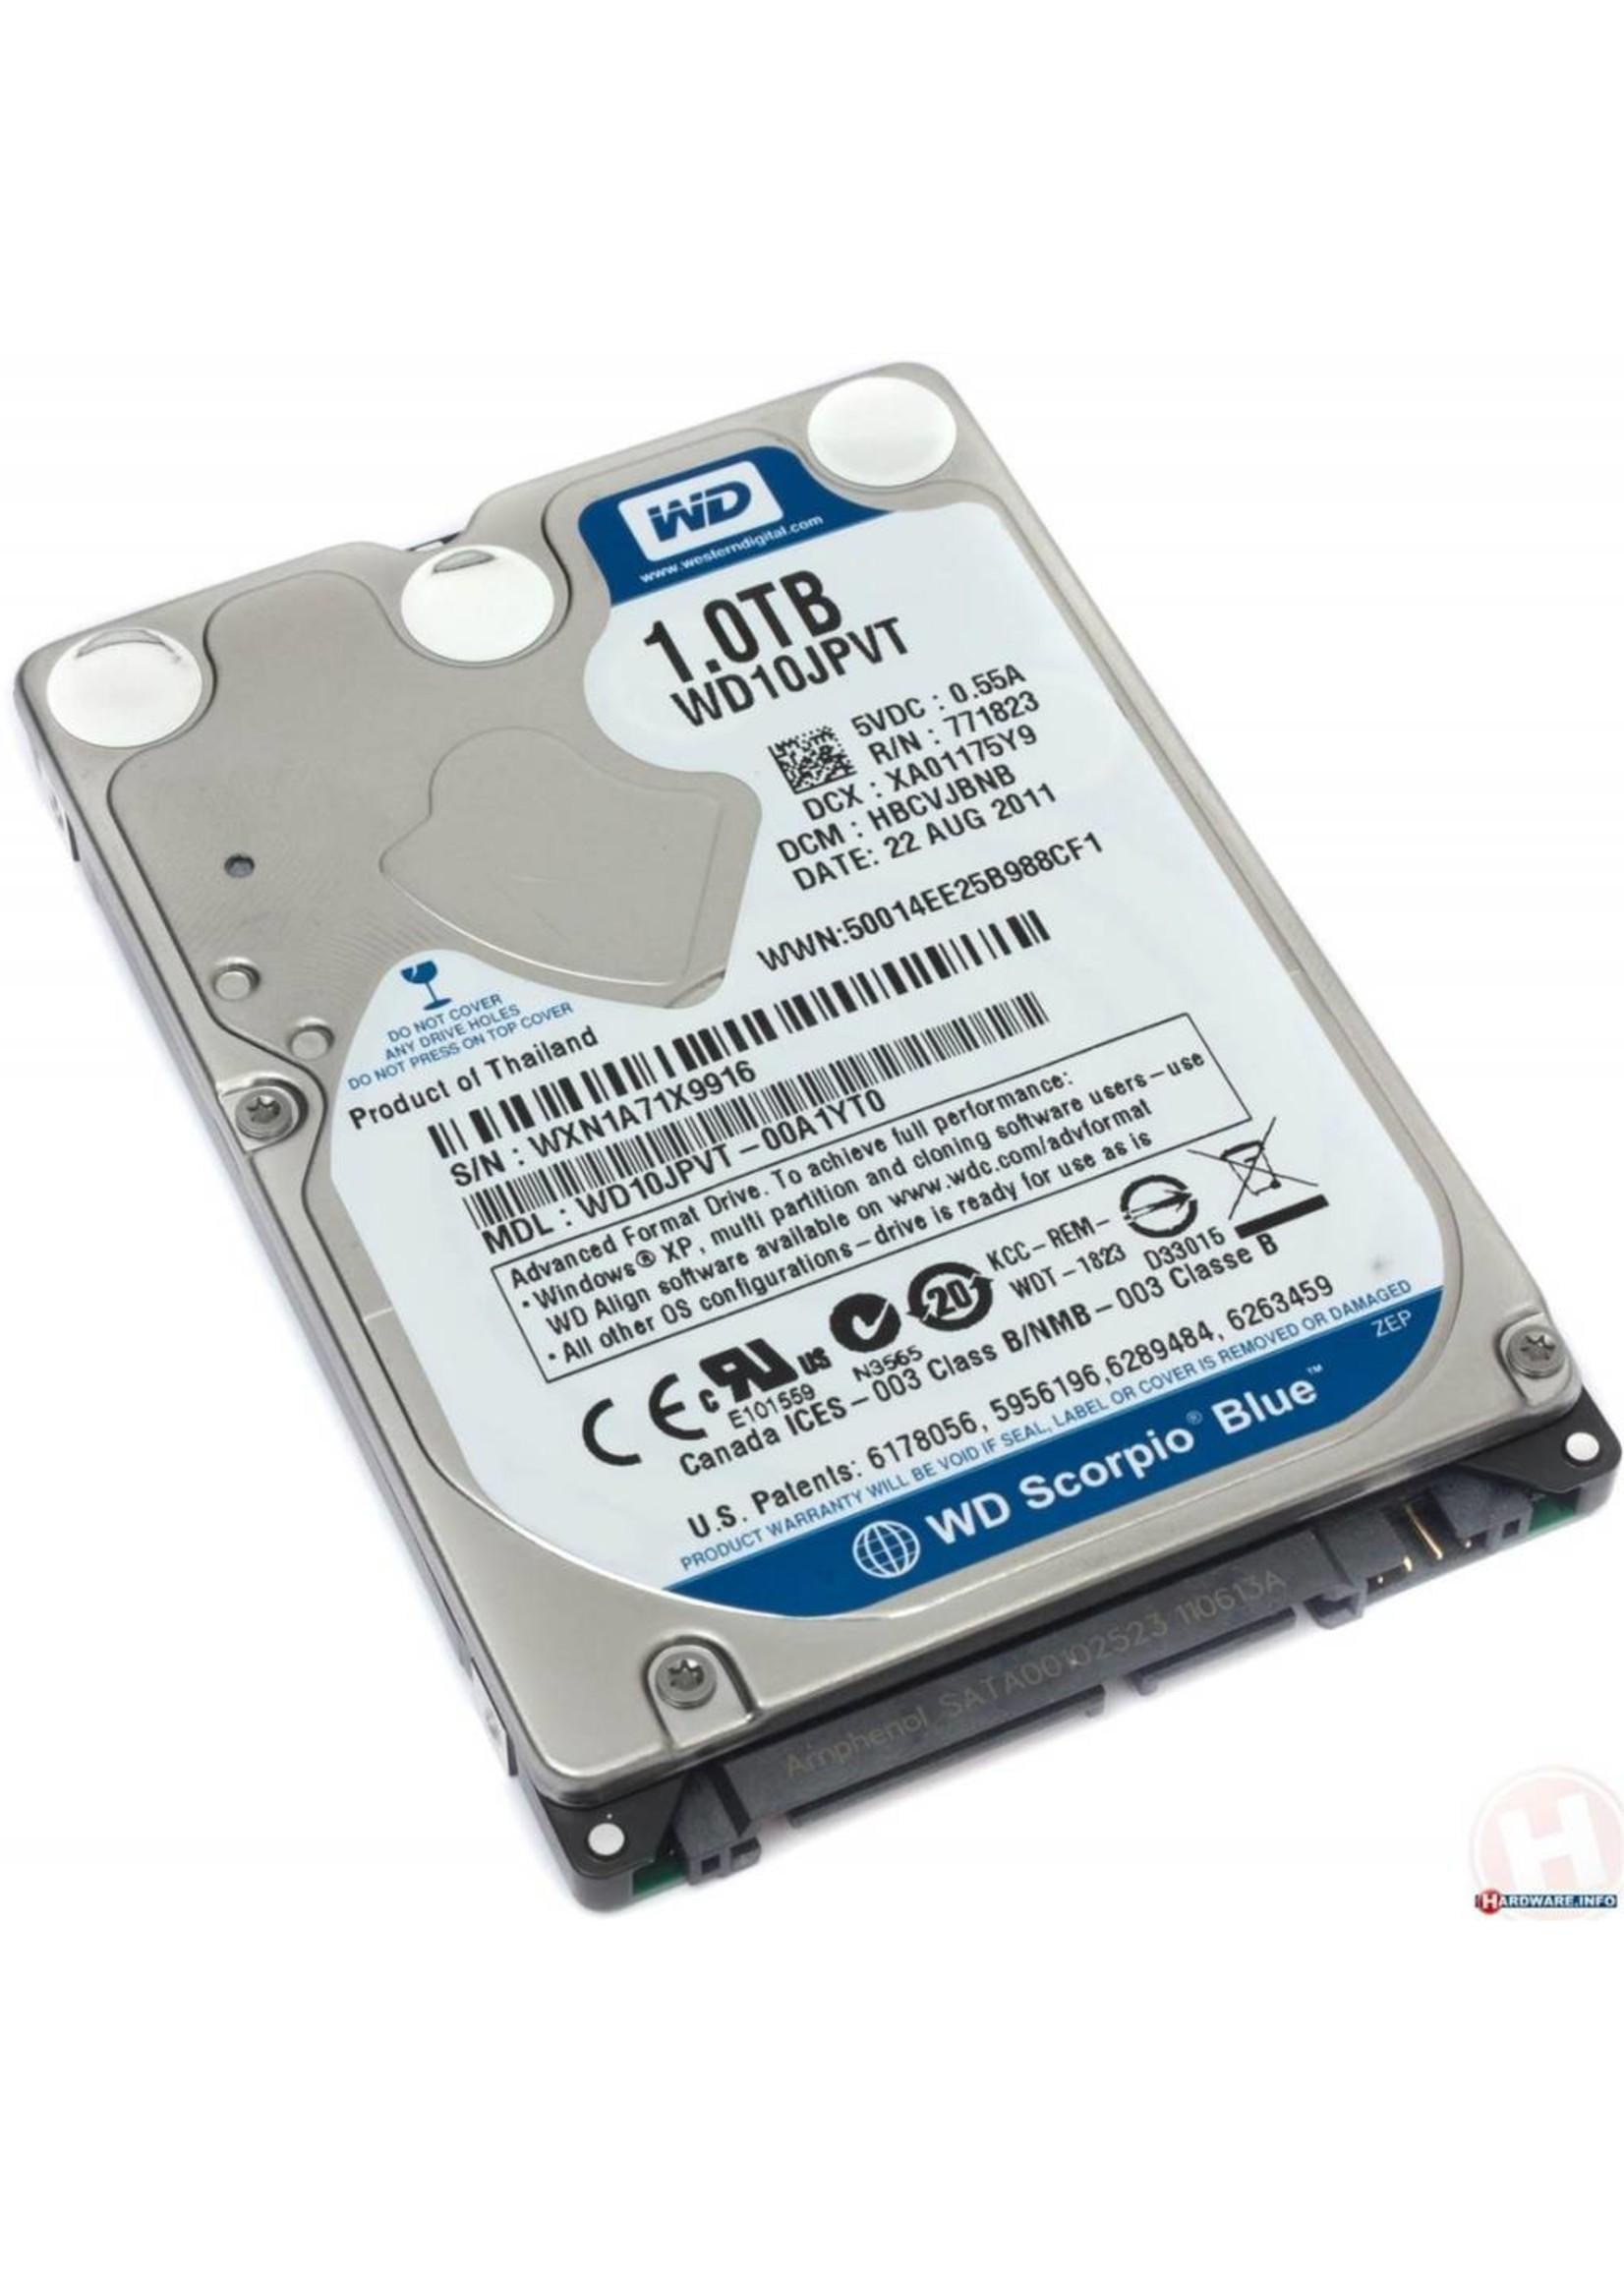 SATA Hard Drive 1 TB 2.5 inch